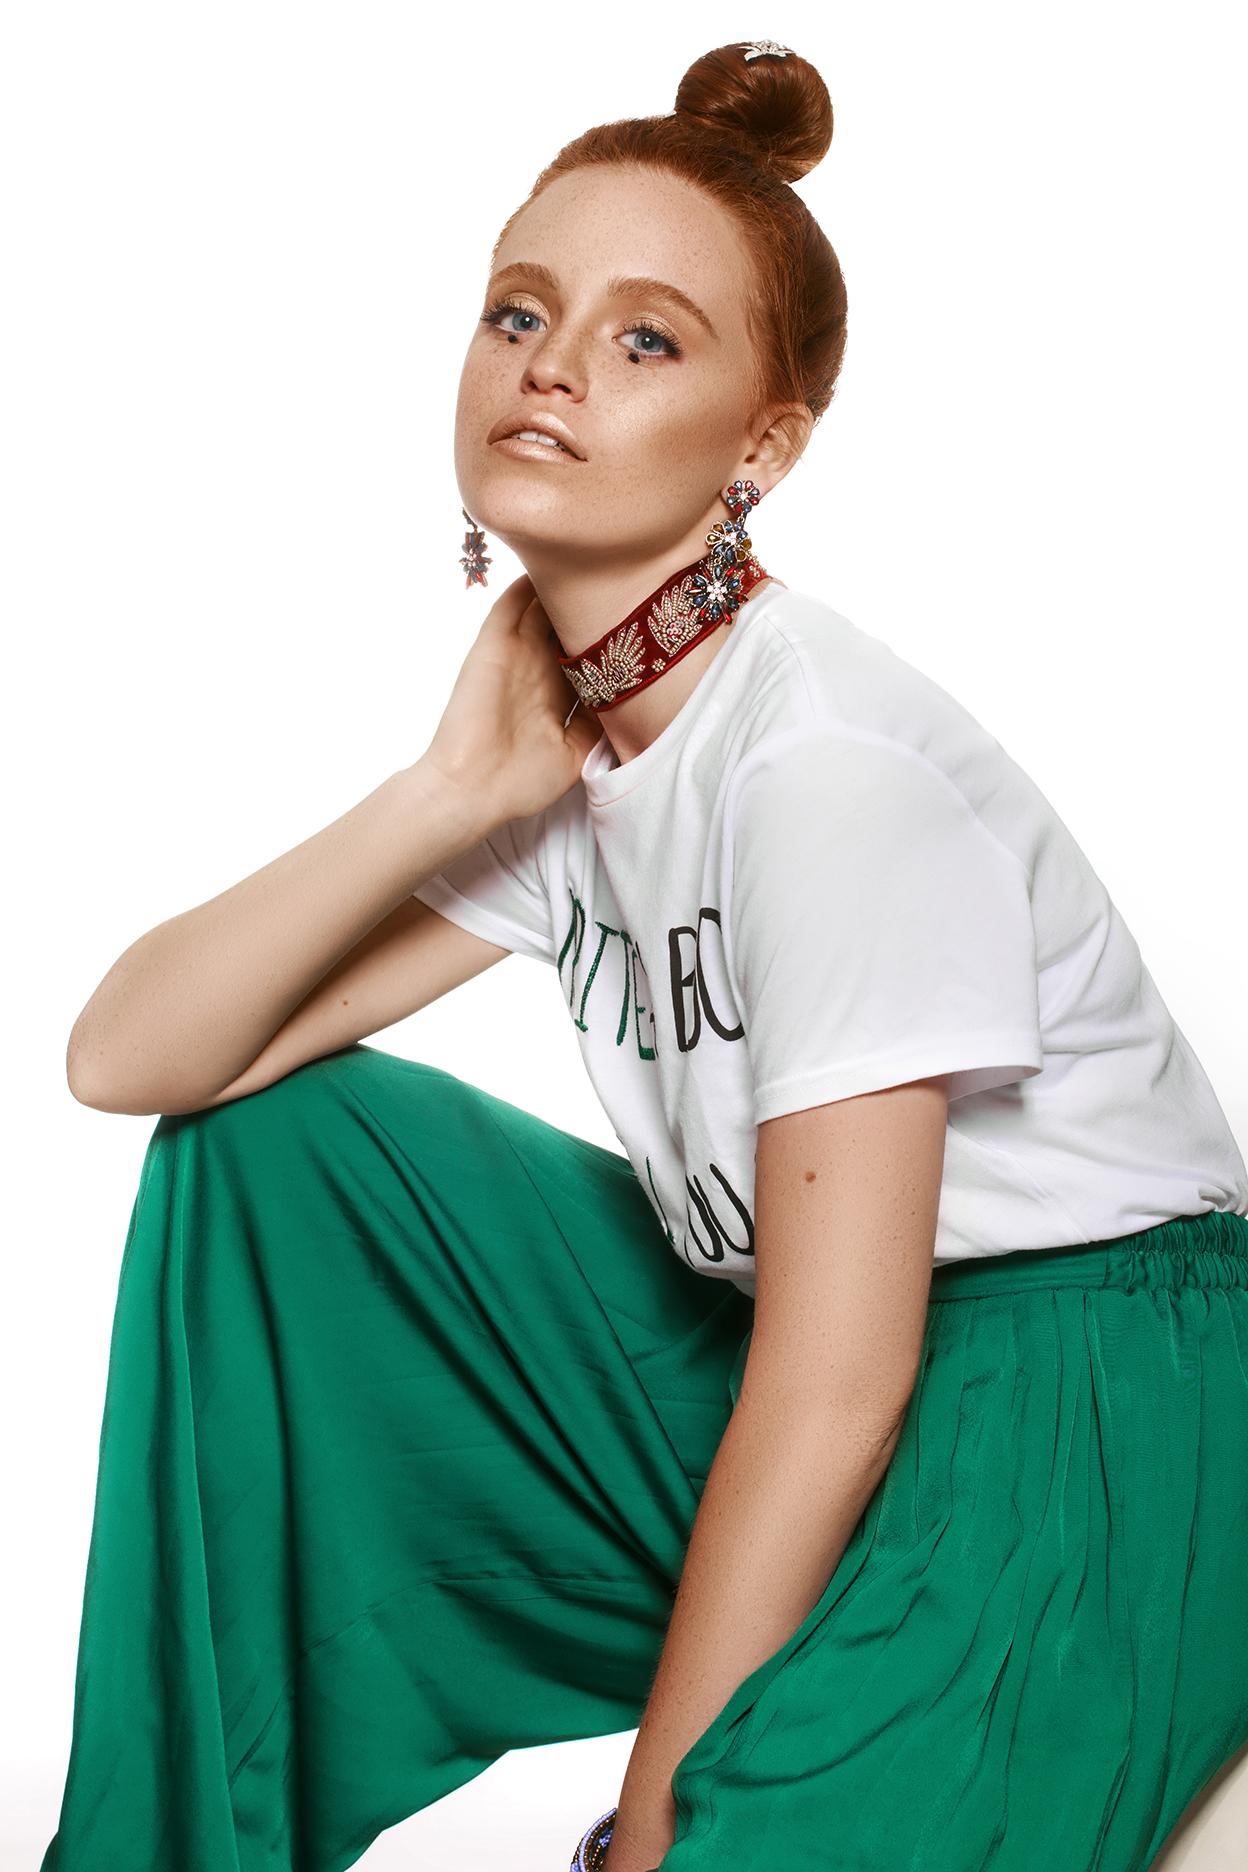 Model Citizen Magazine, Shay Kahzam, Fashion Inclusion. Now, Macky Suson, Model Citizen App, Model Citizen Media, Nosus.co, Amyck.co2.jpg